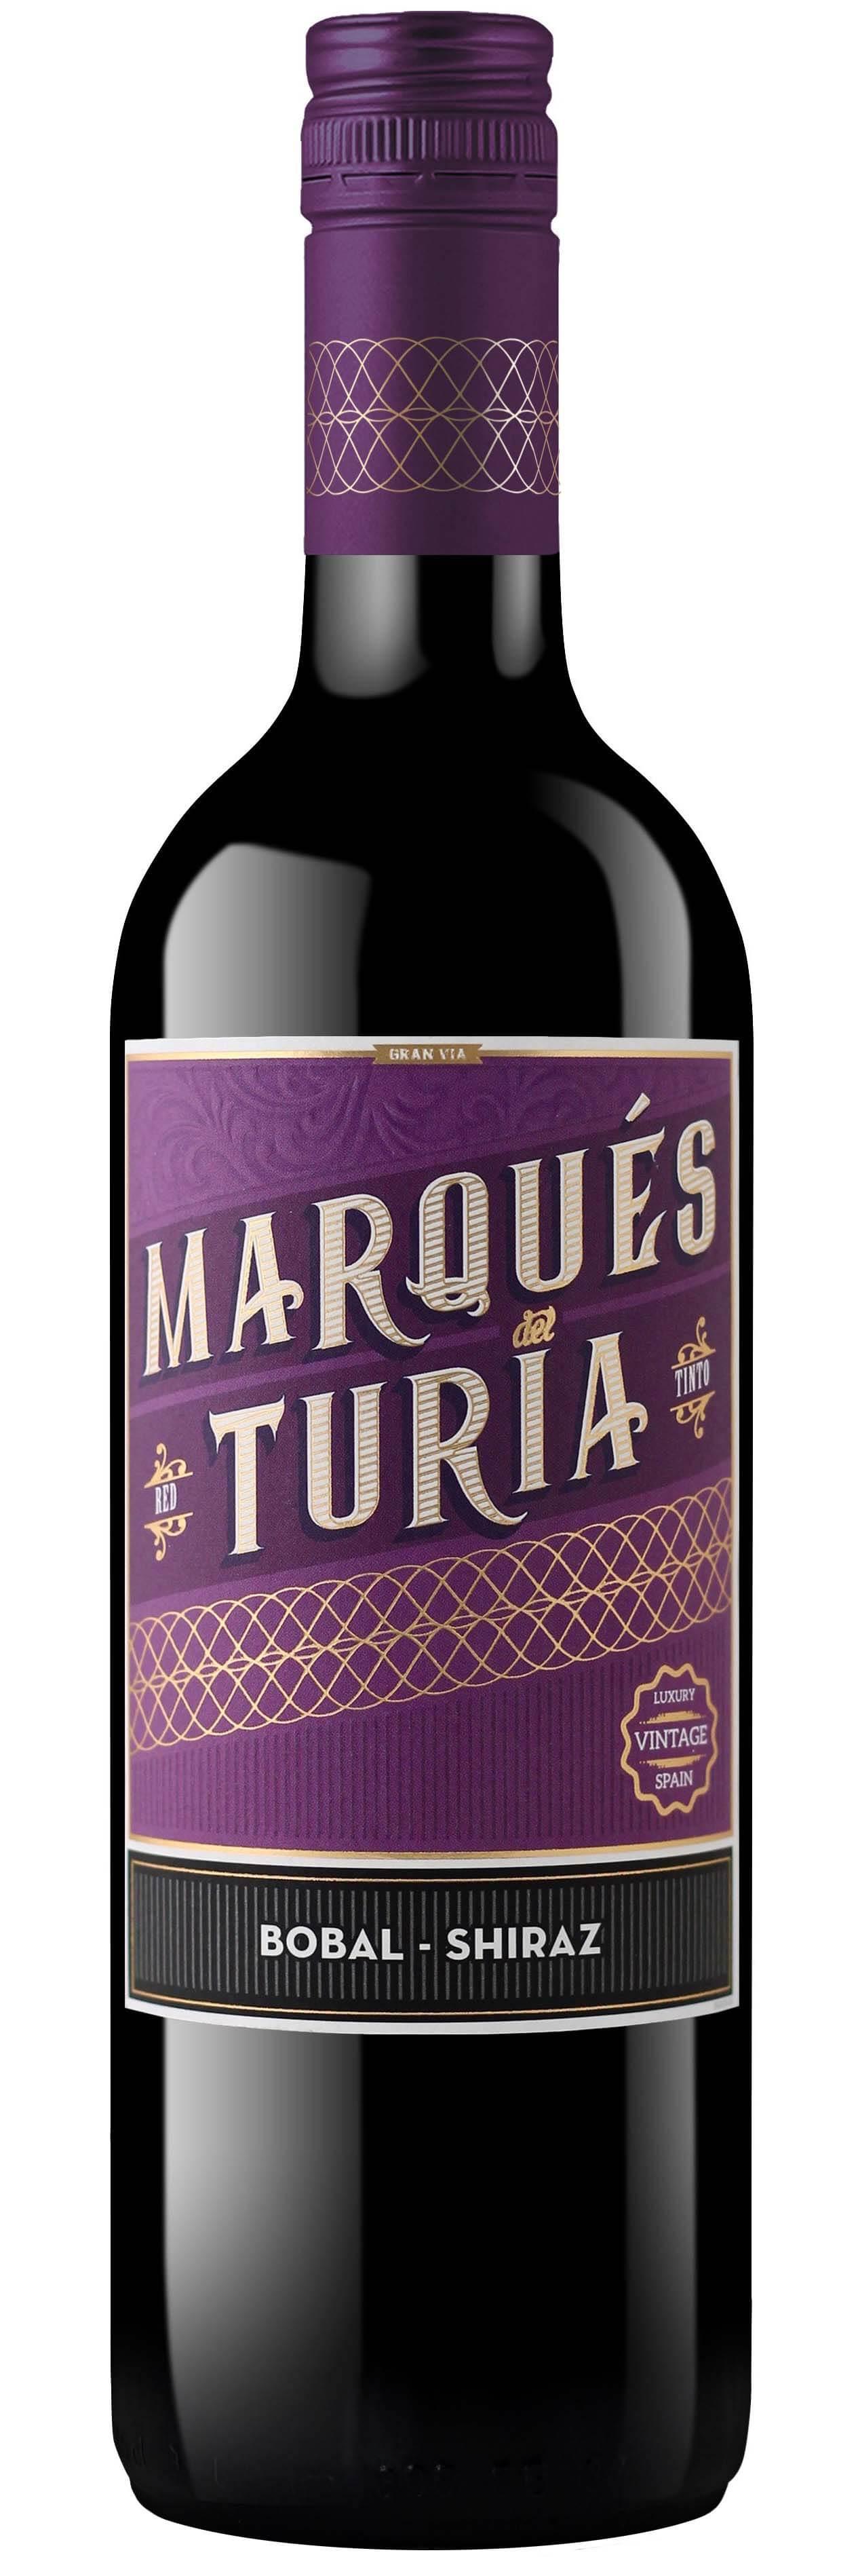 Marques del Turia Bobal-Shiraz фото